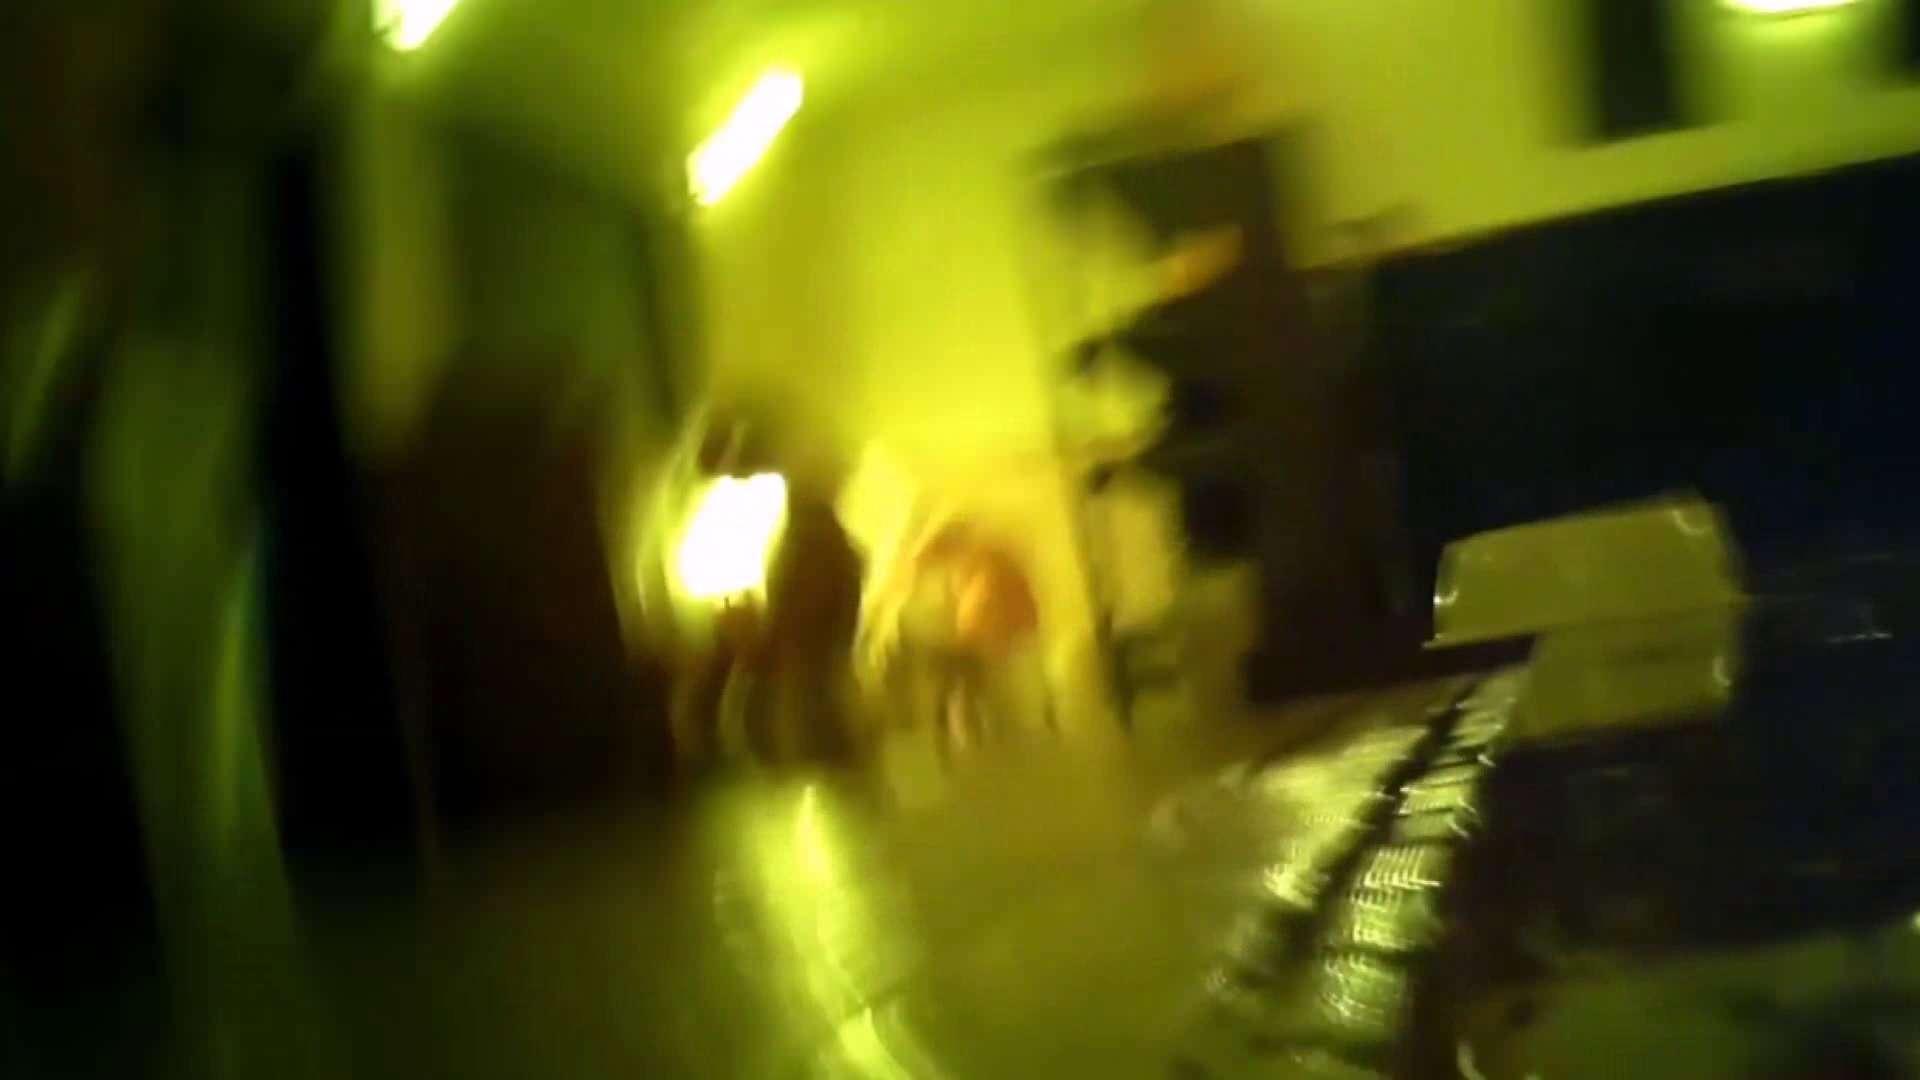 行くぜ!がっつり男風呂!Vol.08 裸 | イケメンのsex  71pic 31